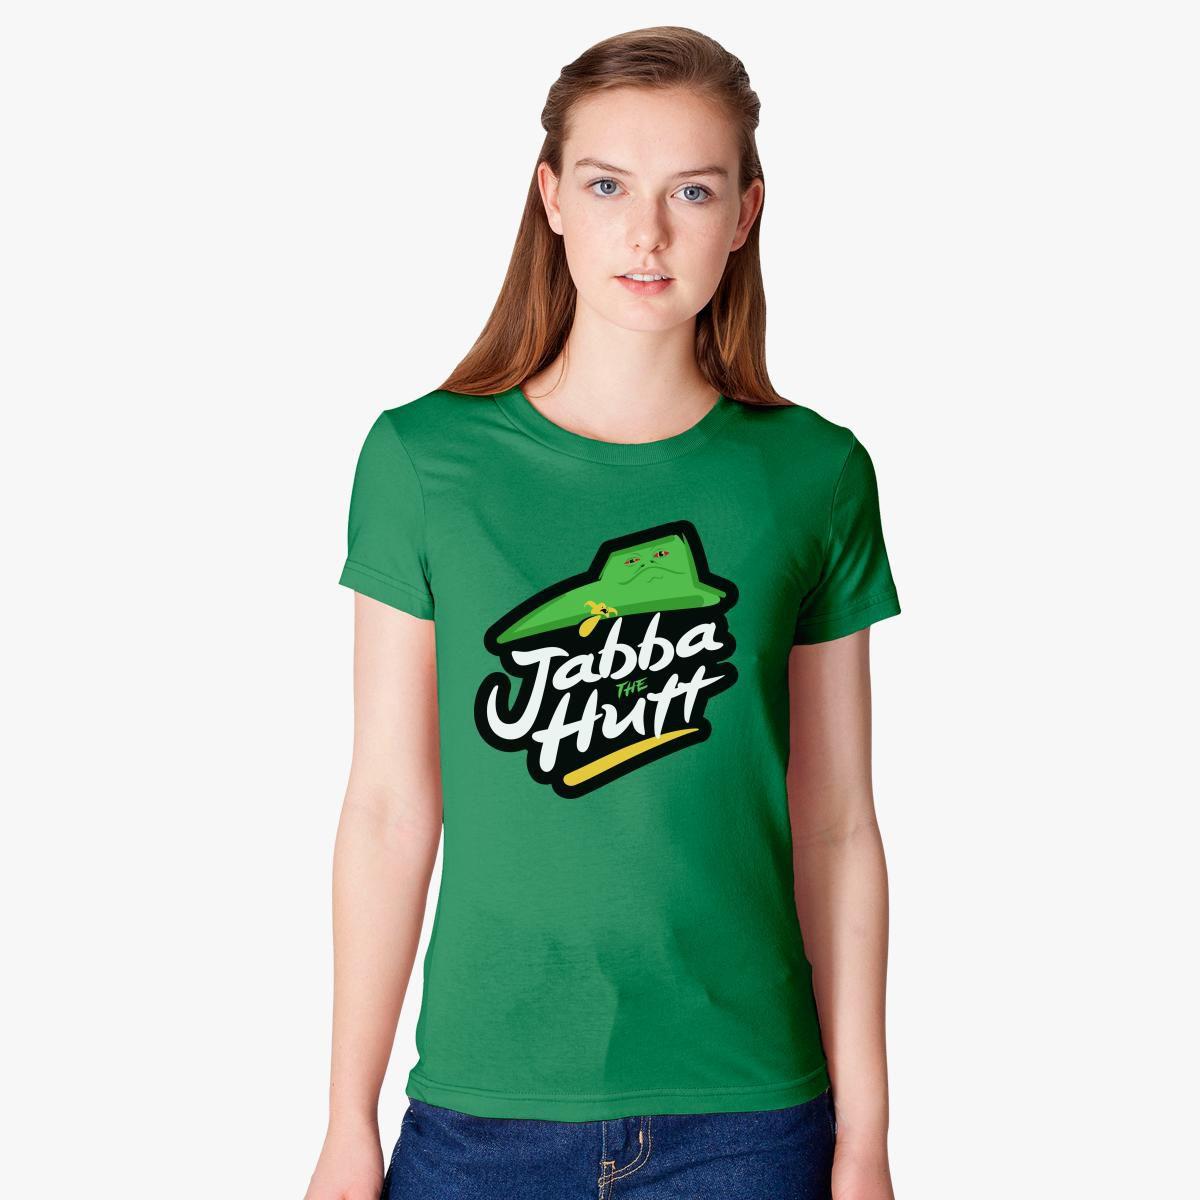 Jabba The Hutt Women's T-shirt